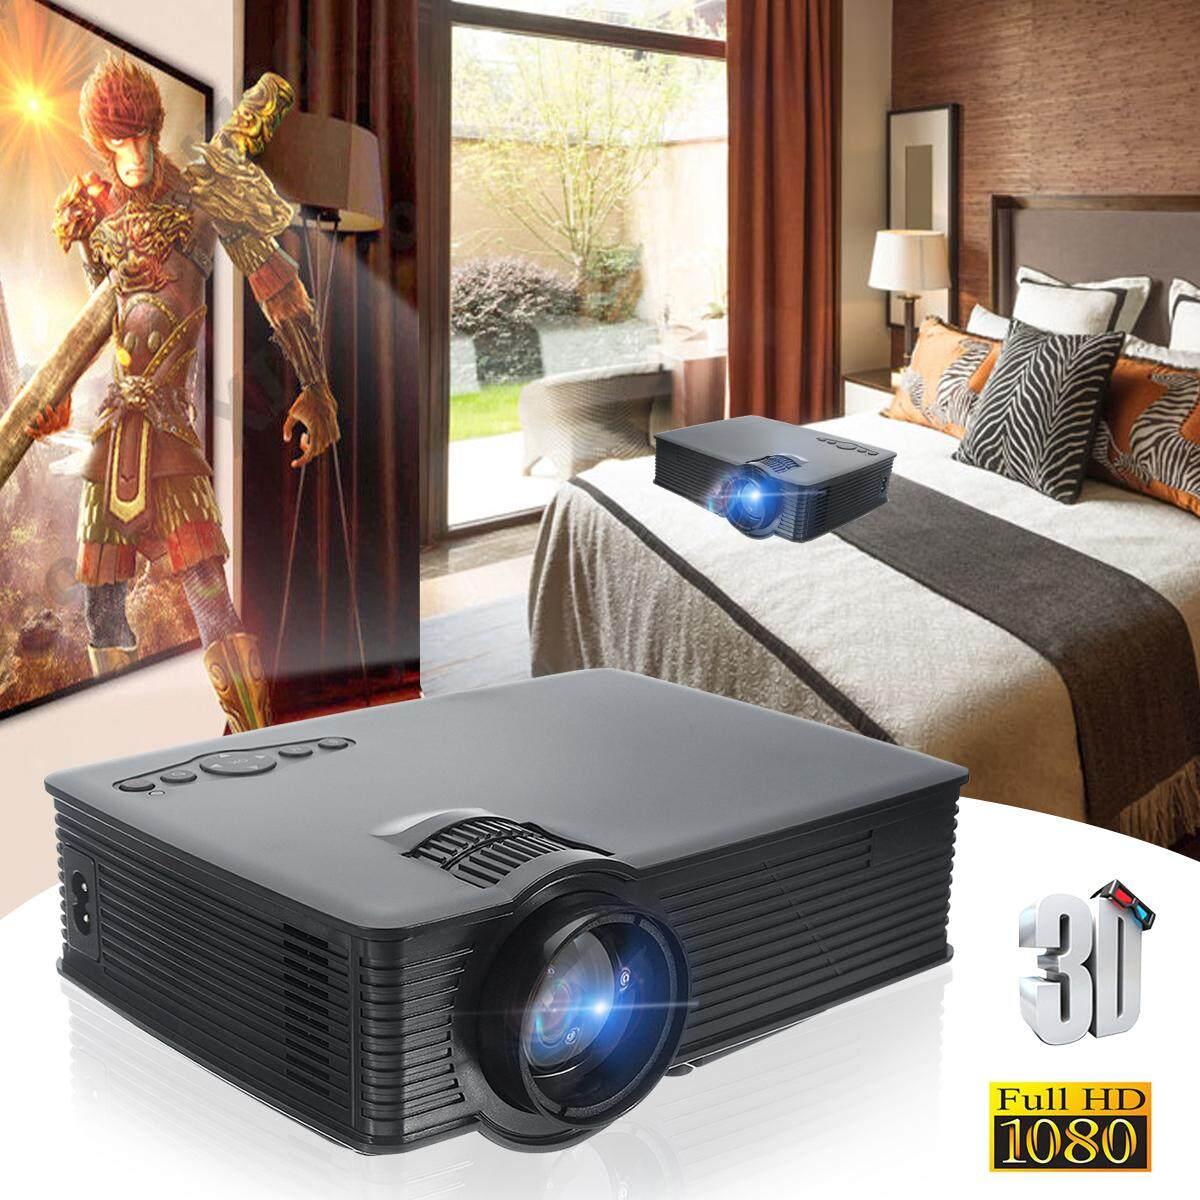 1080 P Full HD Thông Minh 3D Máy Chiếu 7500LM LED USB Gia đình HDMI VGA Đen Phích Cắm UK